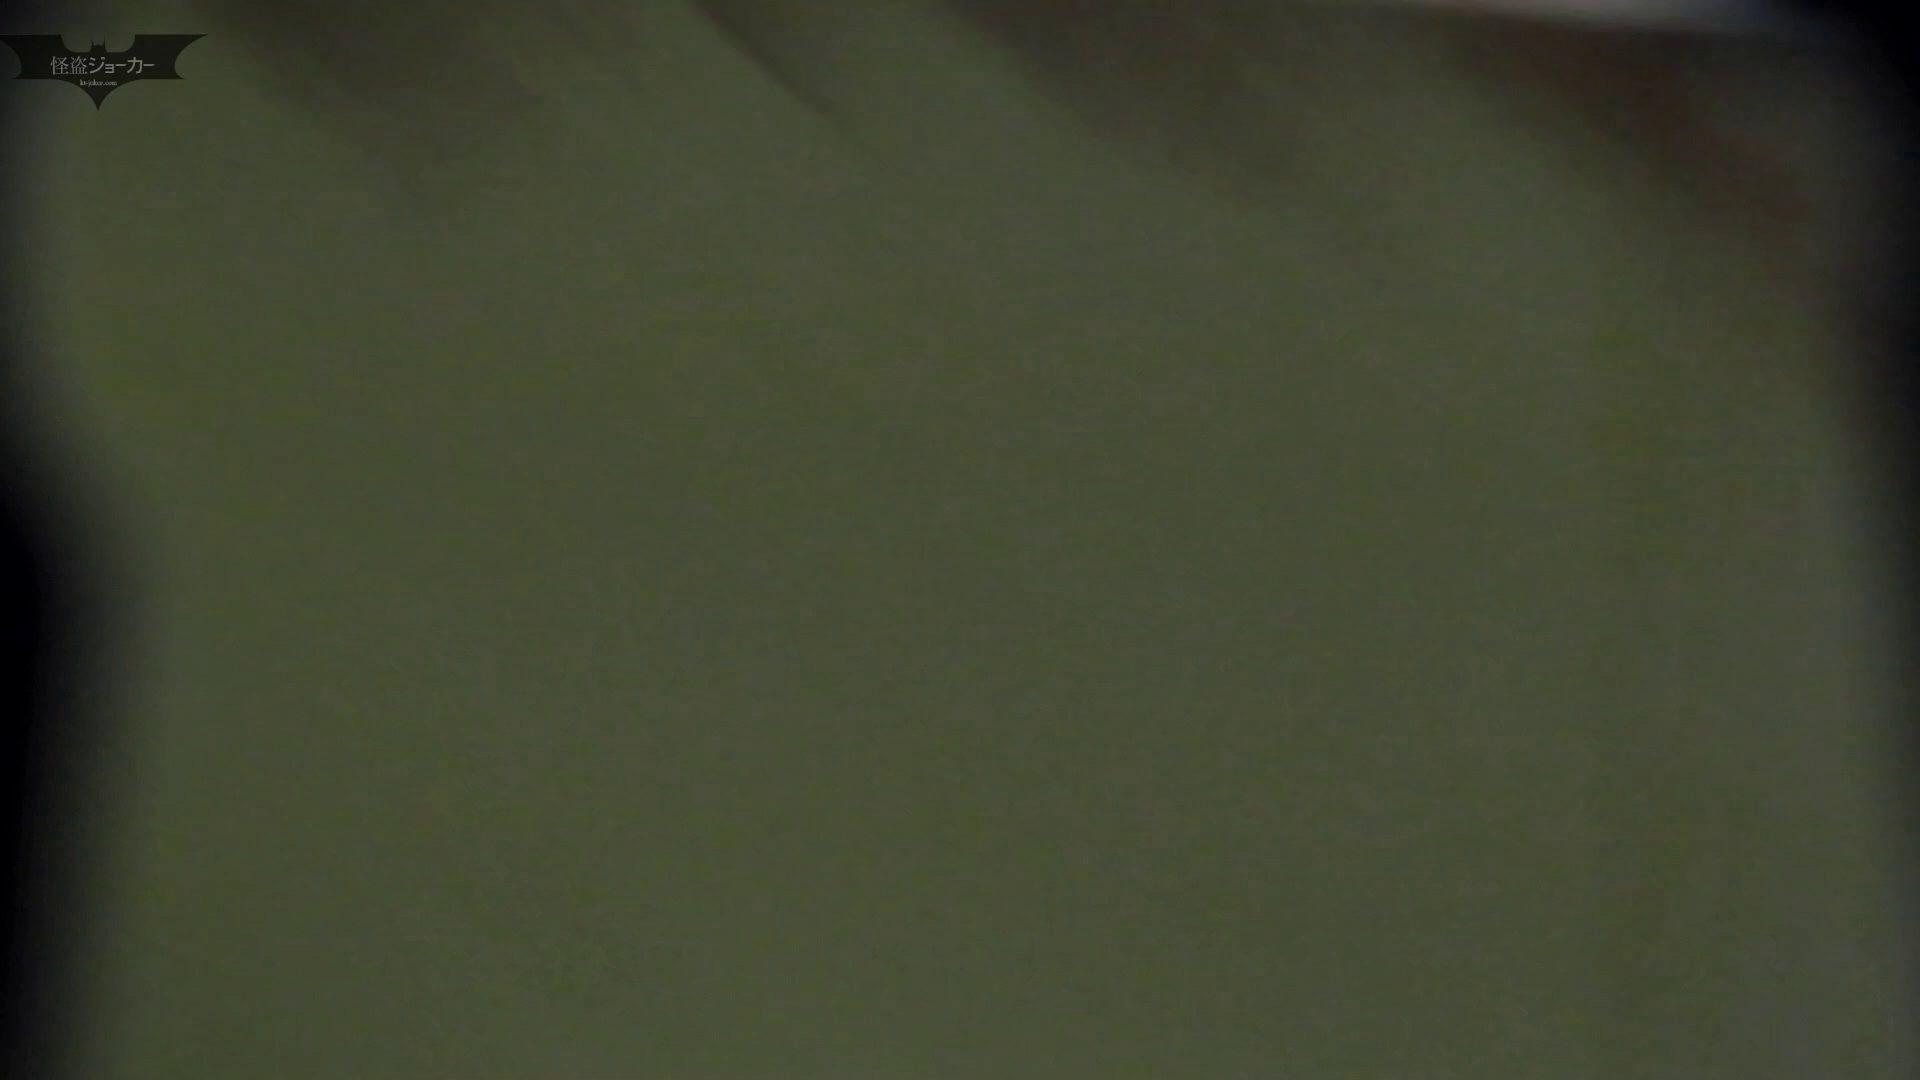 洗面所特攻隊 vol.53 隙間はとても重要なポイントです! OL  64pic 26